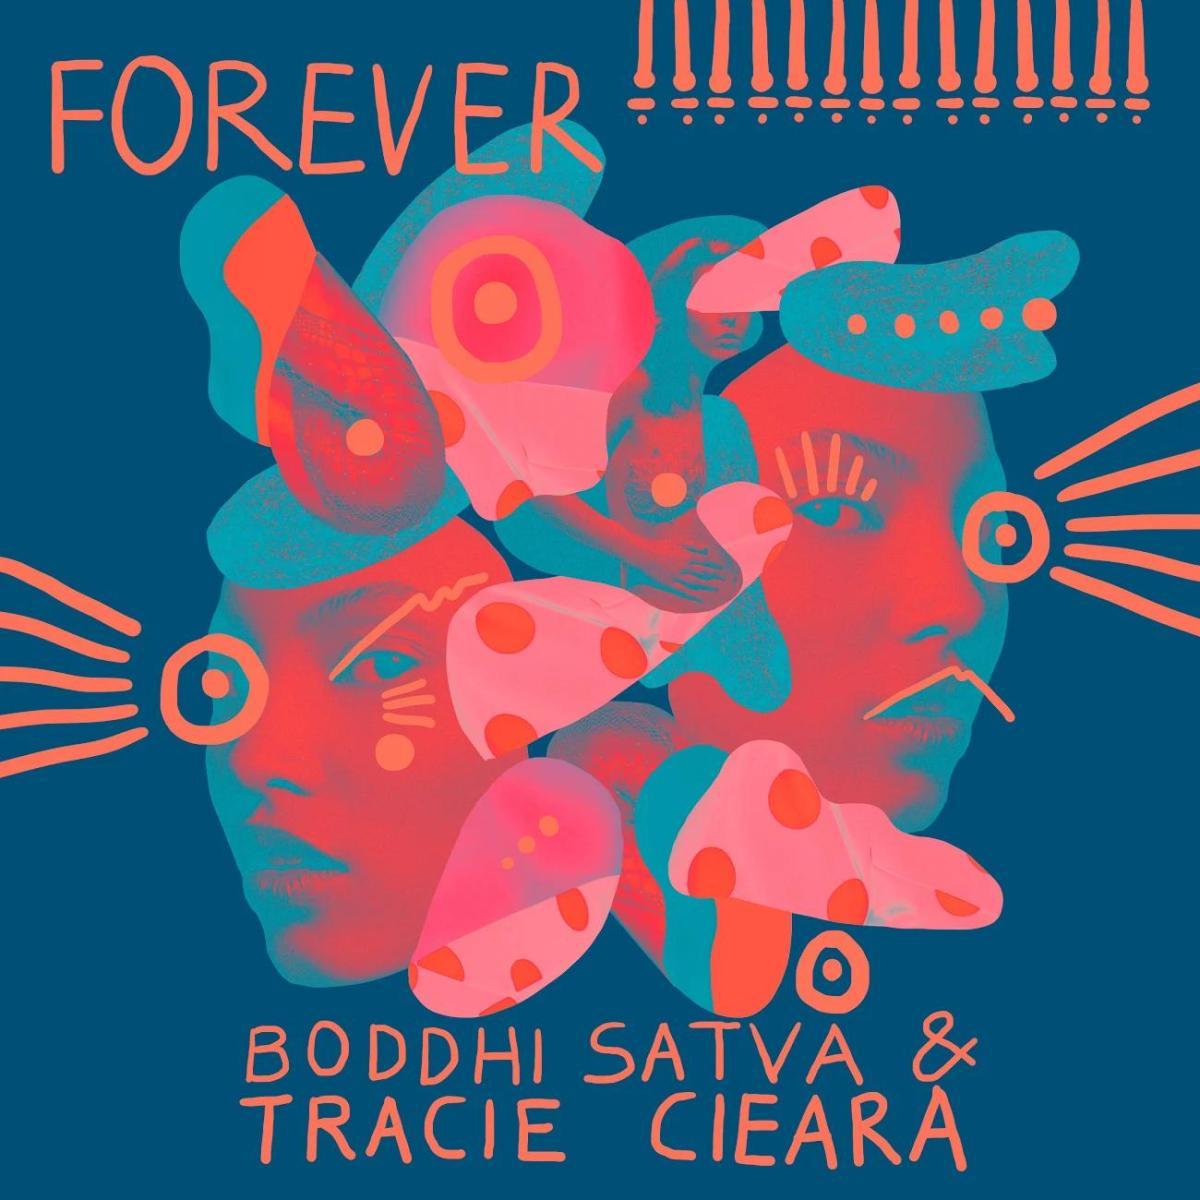 Boddhi Satva feat. Tracie Ciera - Forever